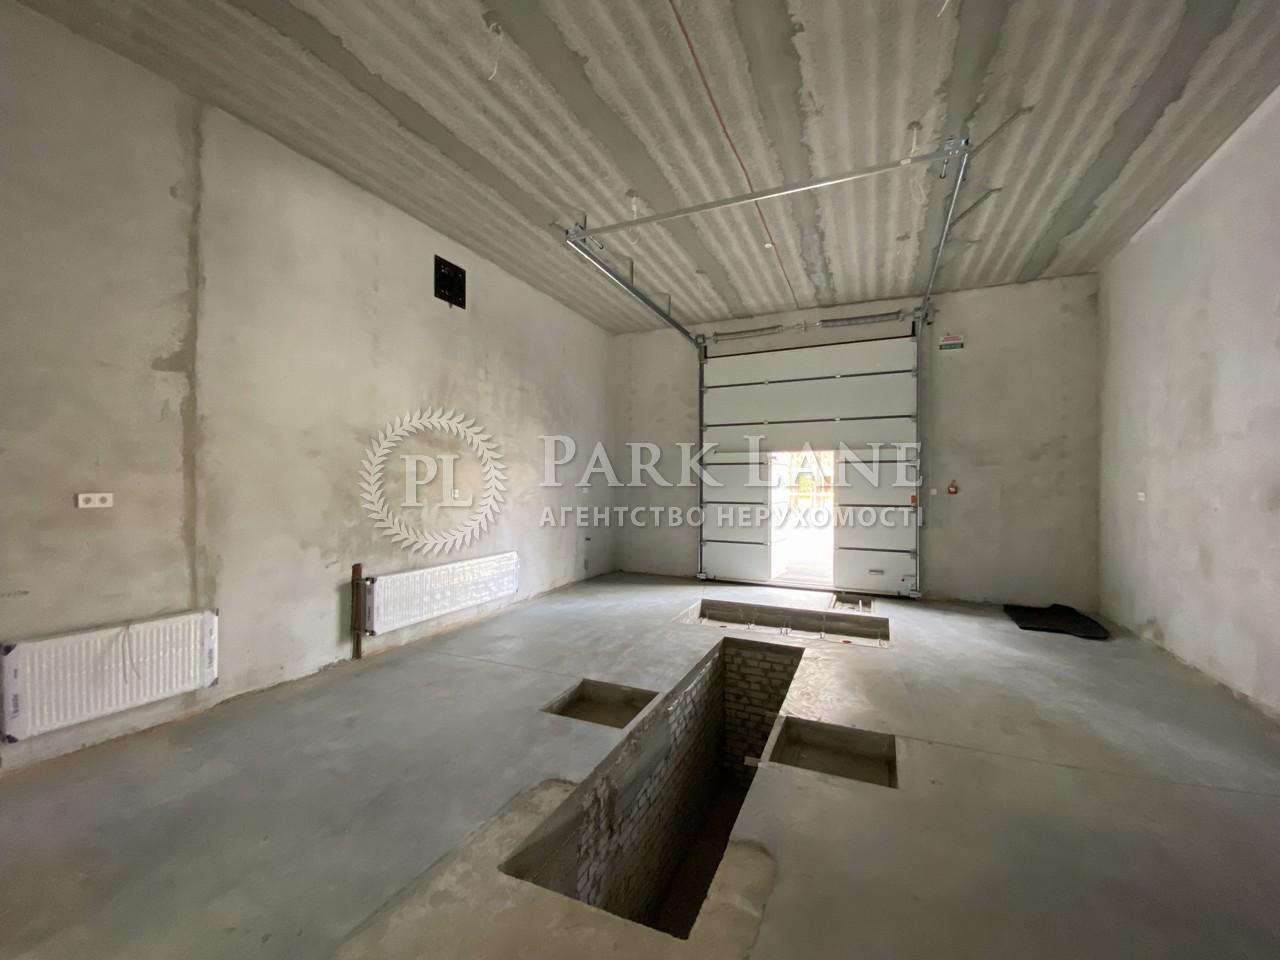 Нежитлове приміщення, B-102729, Буча (місто) - Фото 8